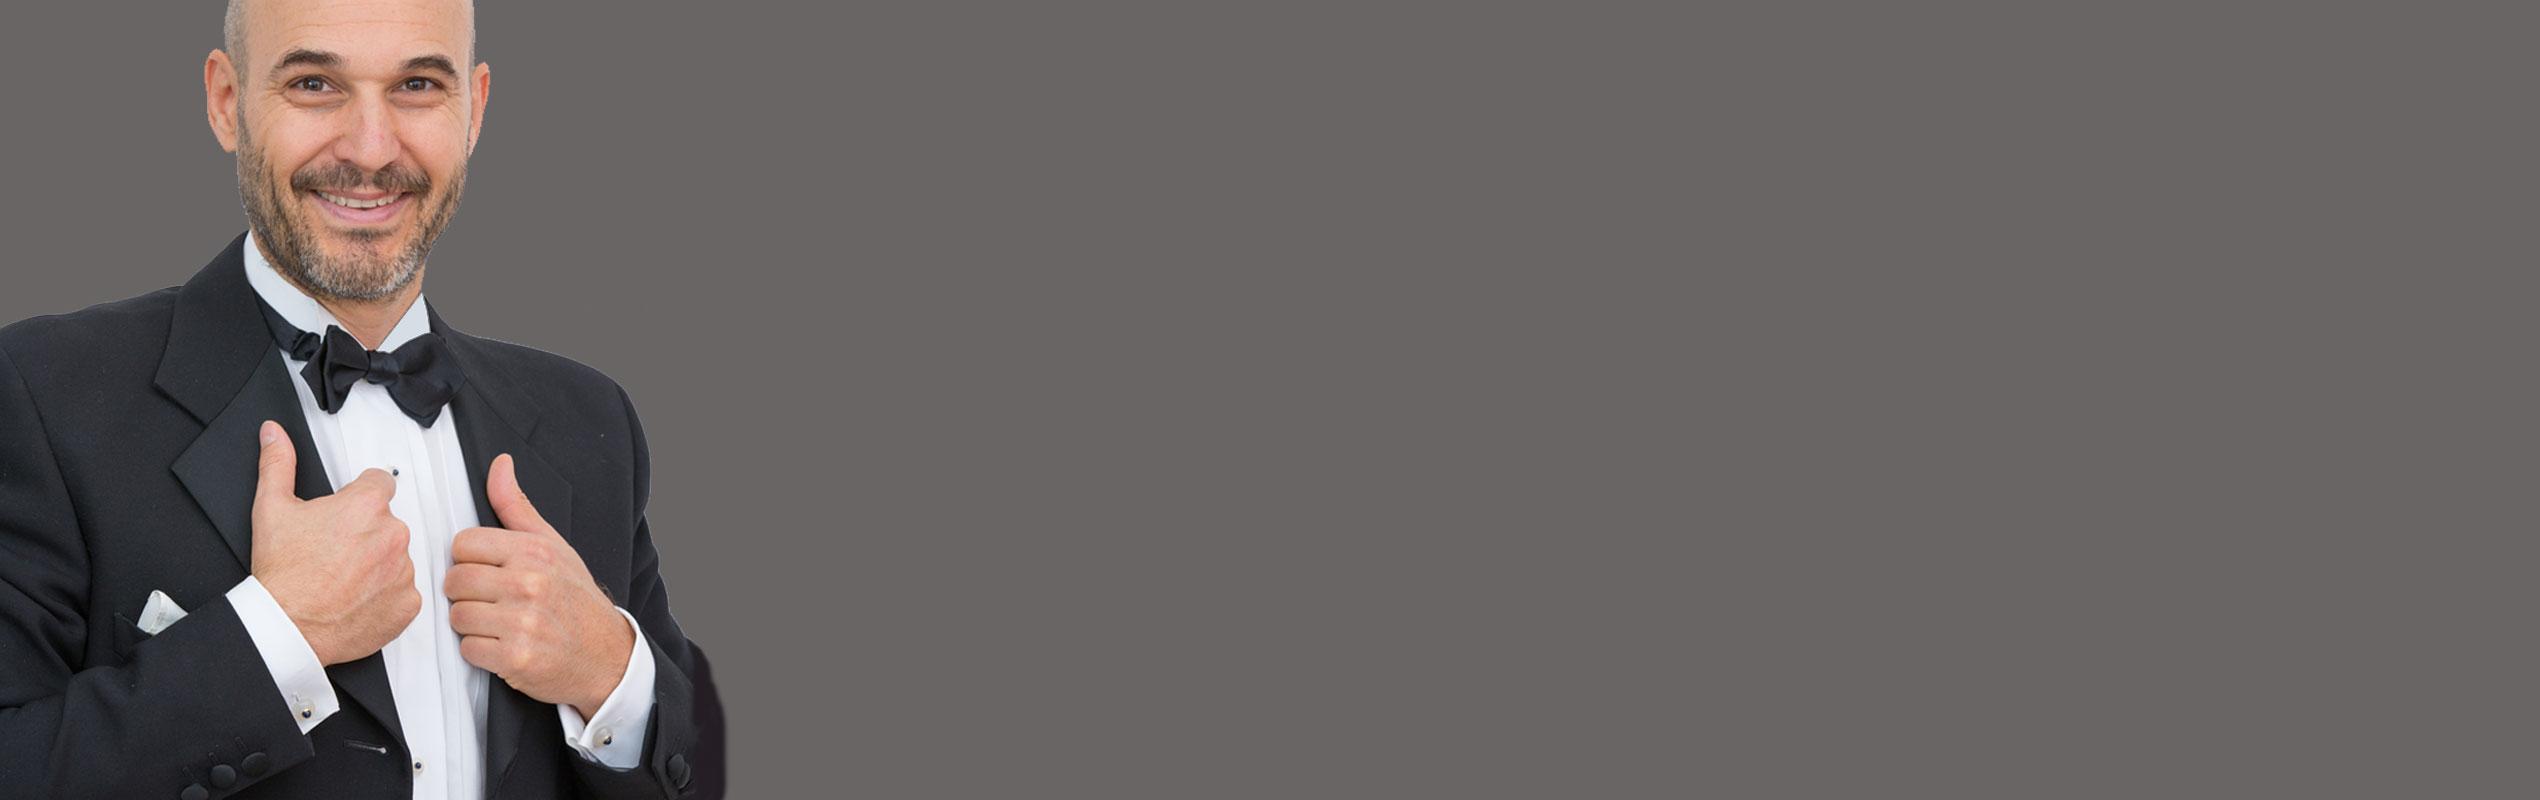 Manschettenknoepfe titelbild